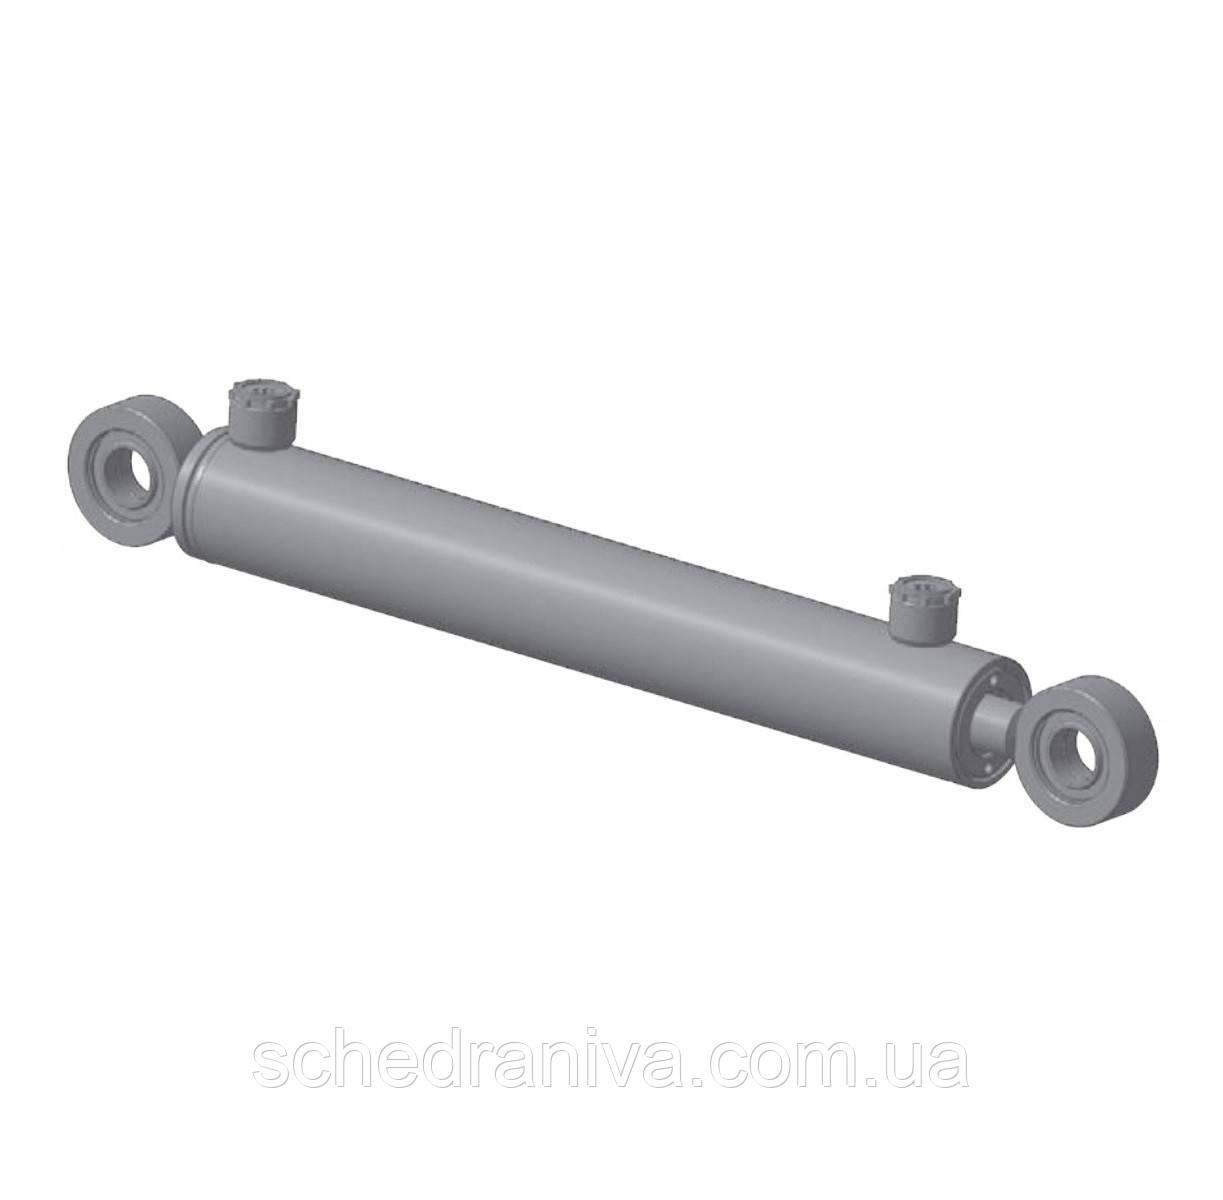 Гидроцилиндр МС 50/25х800-3.11 (1005) п-во Гидросила